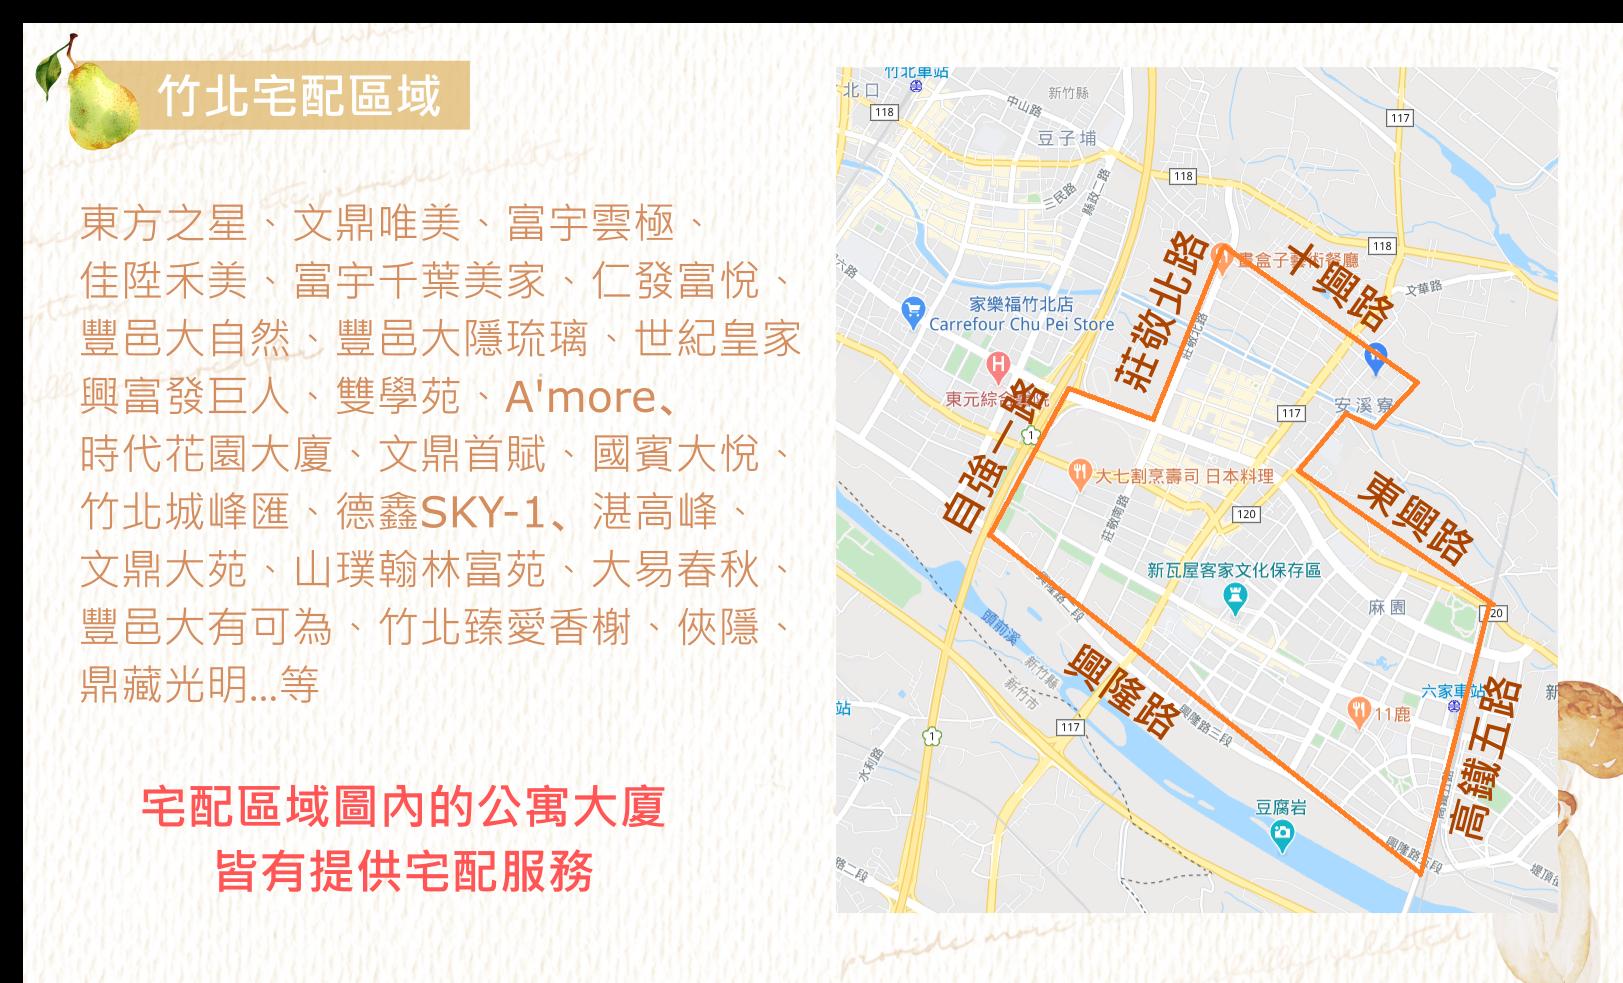 竹北完成_外送區域_20200226.png